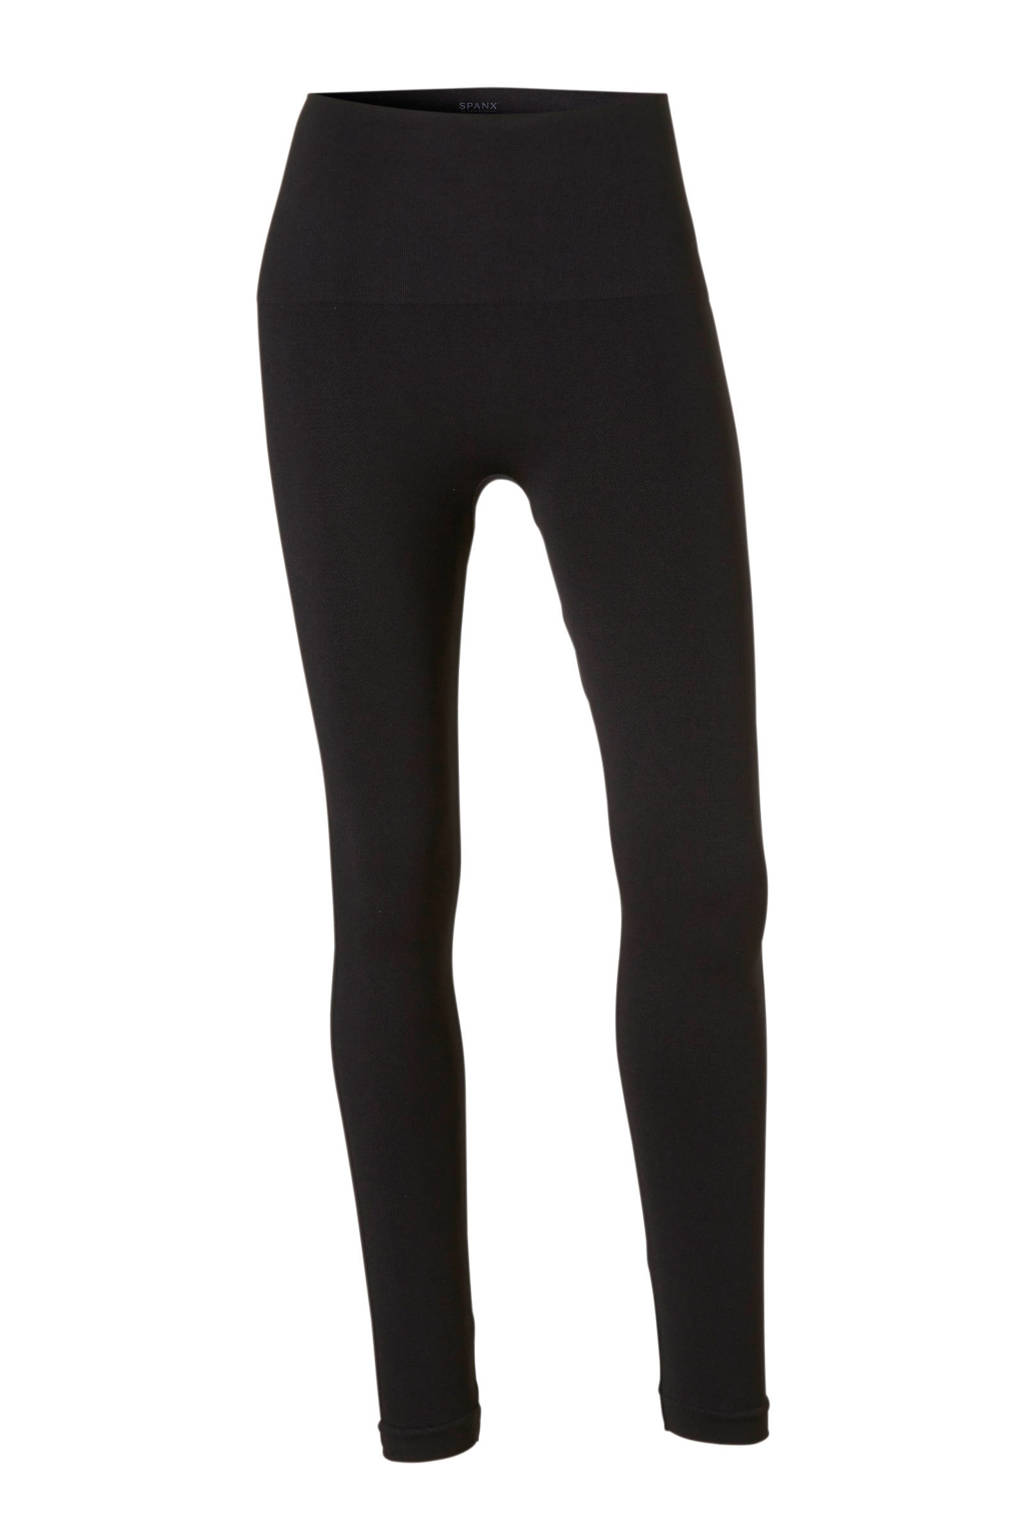 SPANX corrigerende legging Look At Me Now zwart, Zwart